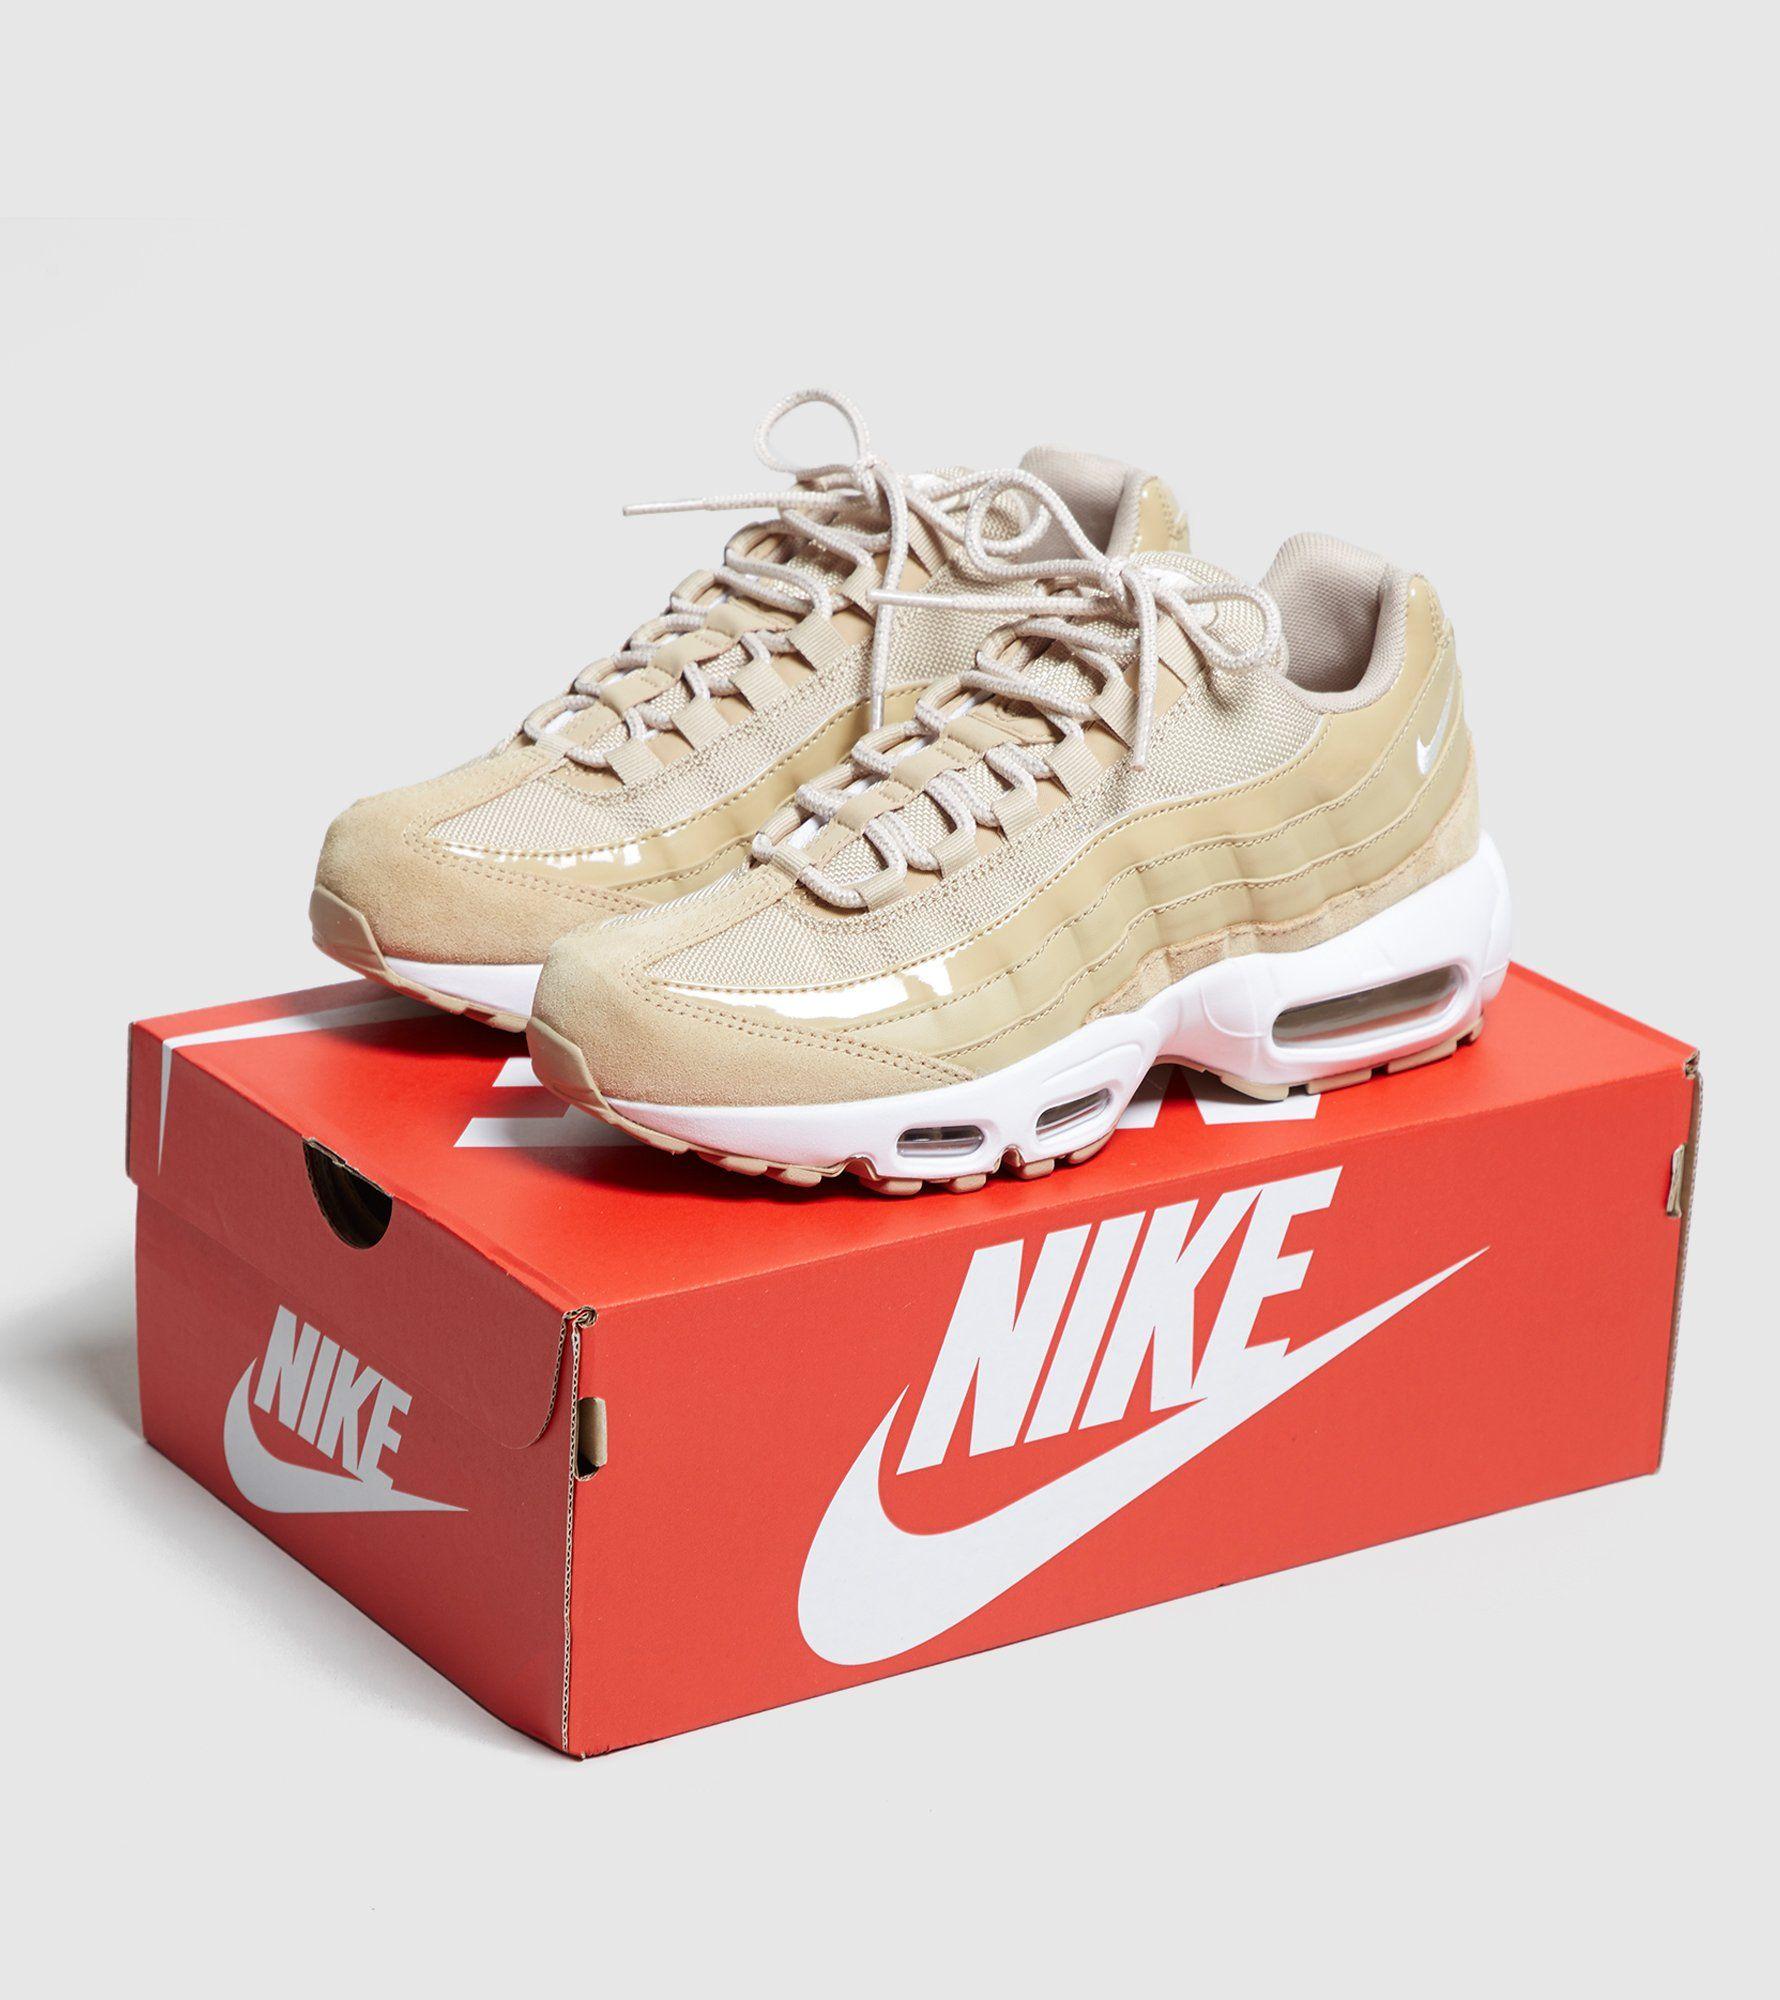 Nike Air Max 95 Frauen